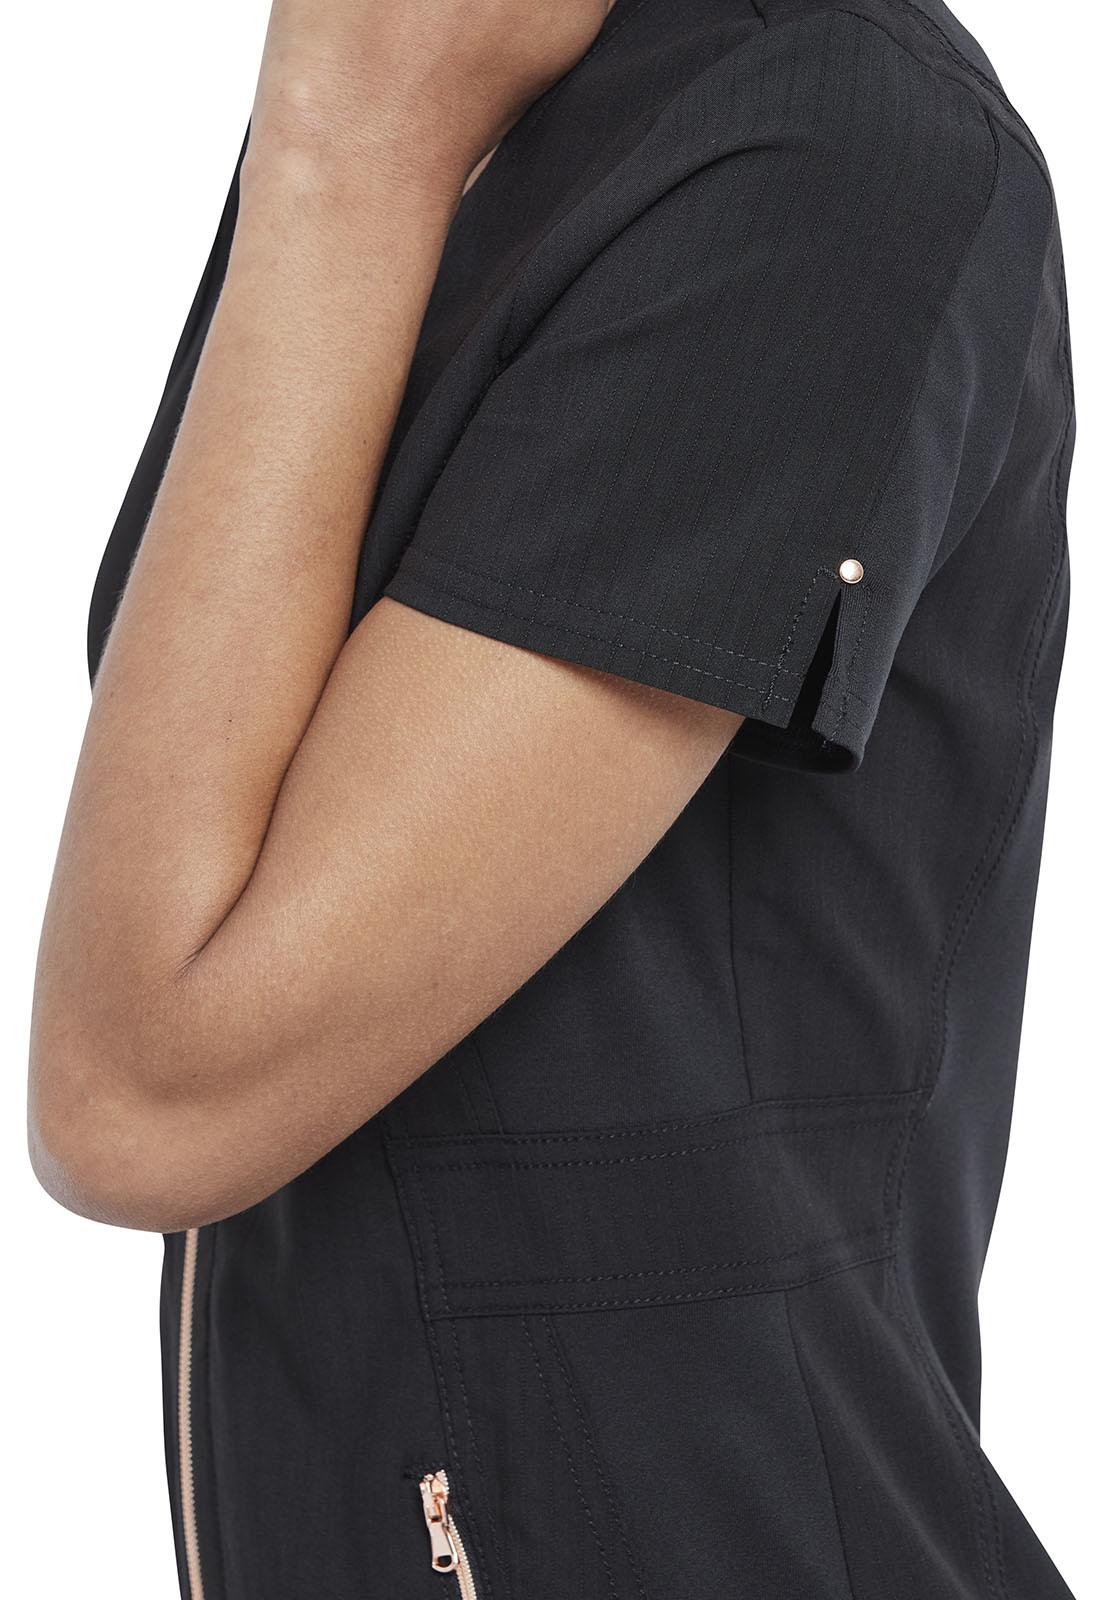 CHEROKEE Full Zip Front Black Scrub Top CK915-BLK